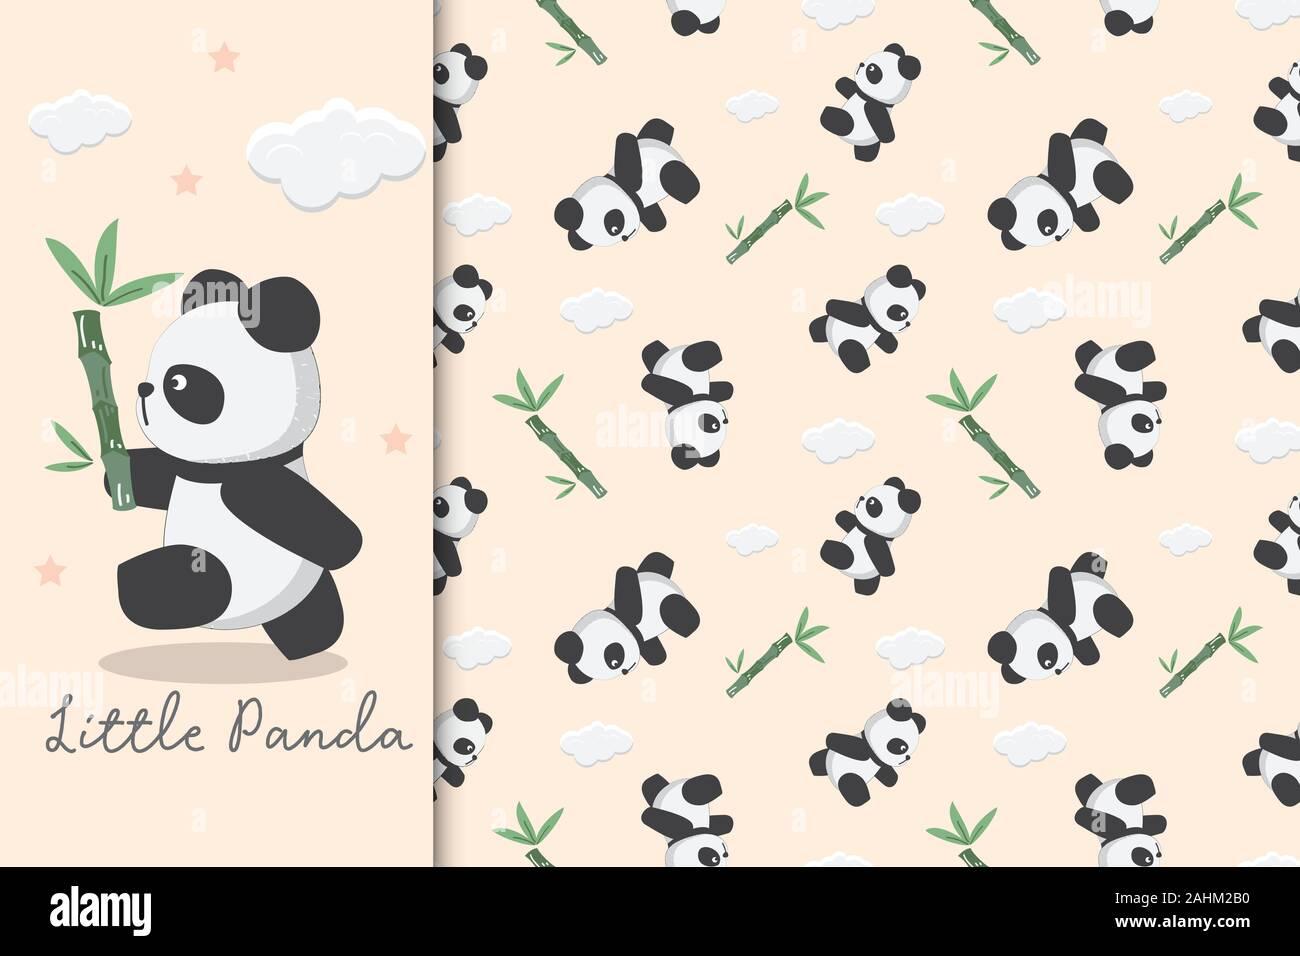 Panda Wallpaper Stock Vector Images Alamy